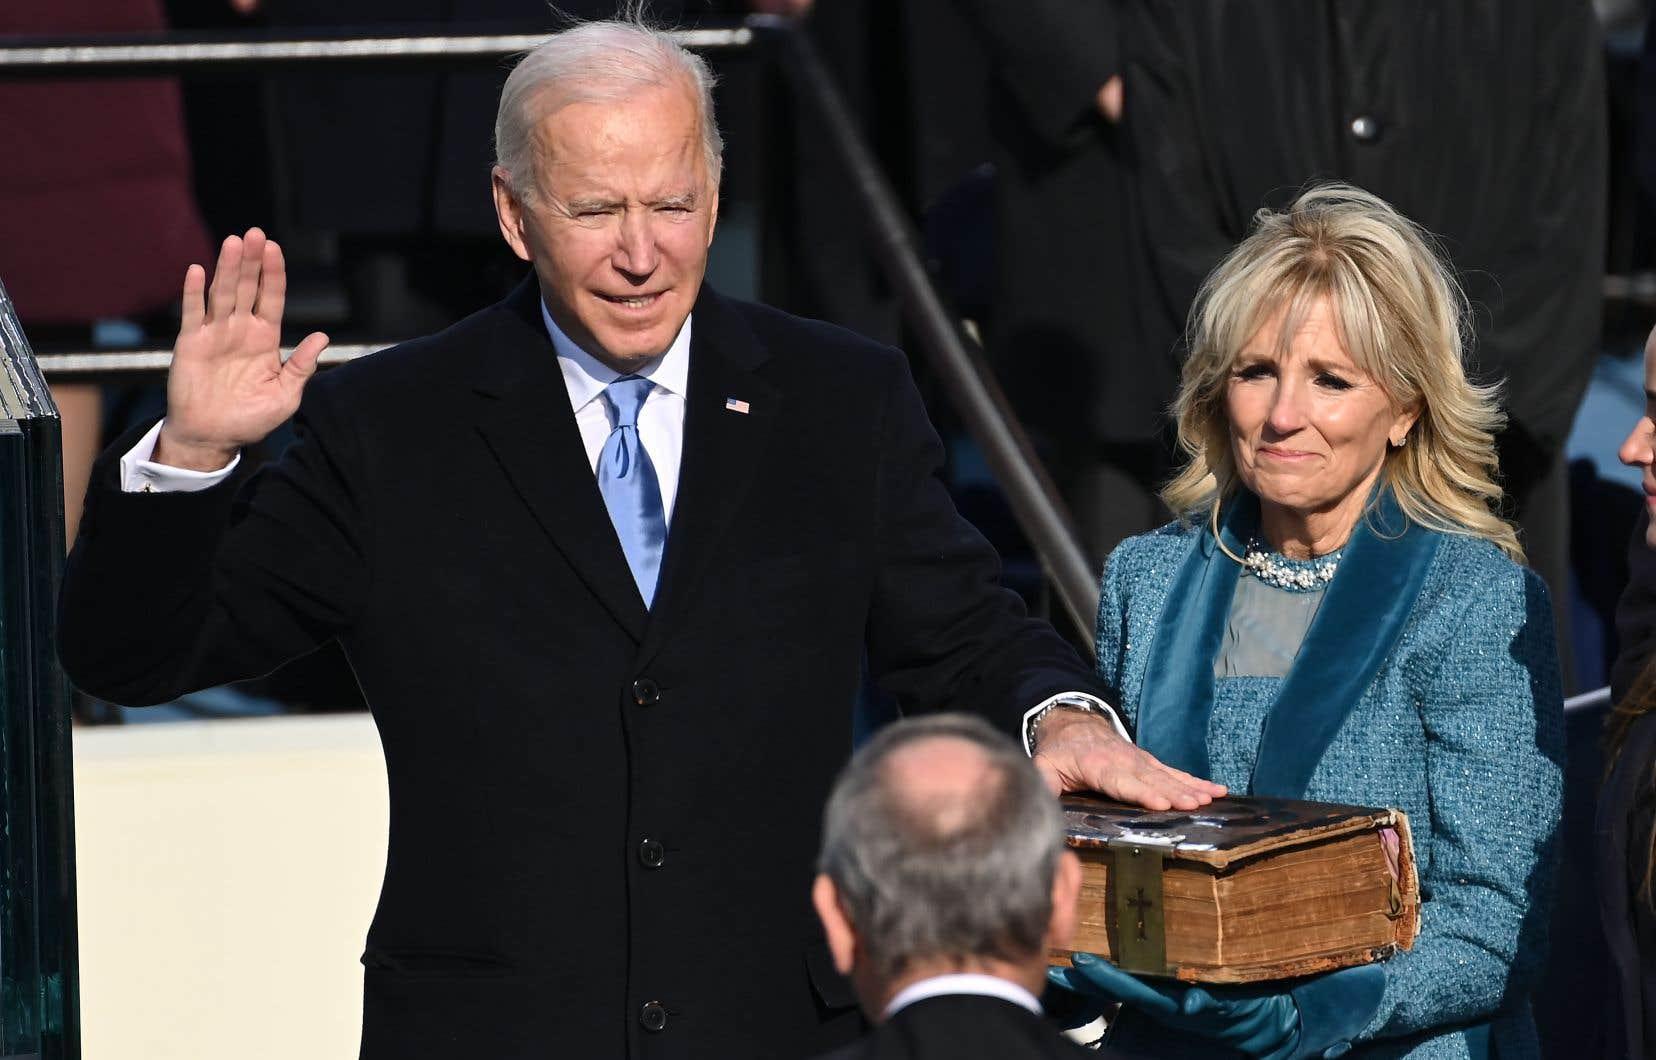 Le 46e président américain, Joe Biden, accompagné de sa femme, Jill, a prêté serment sur une énorme bible familiale.